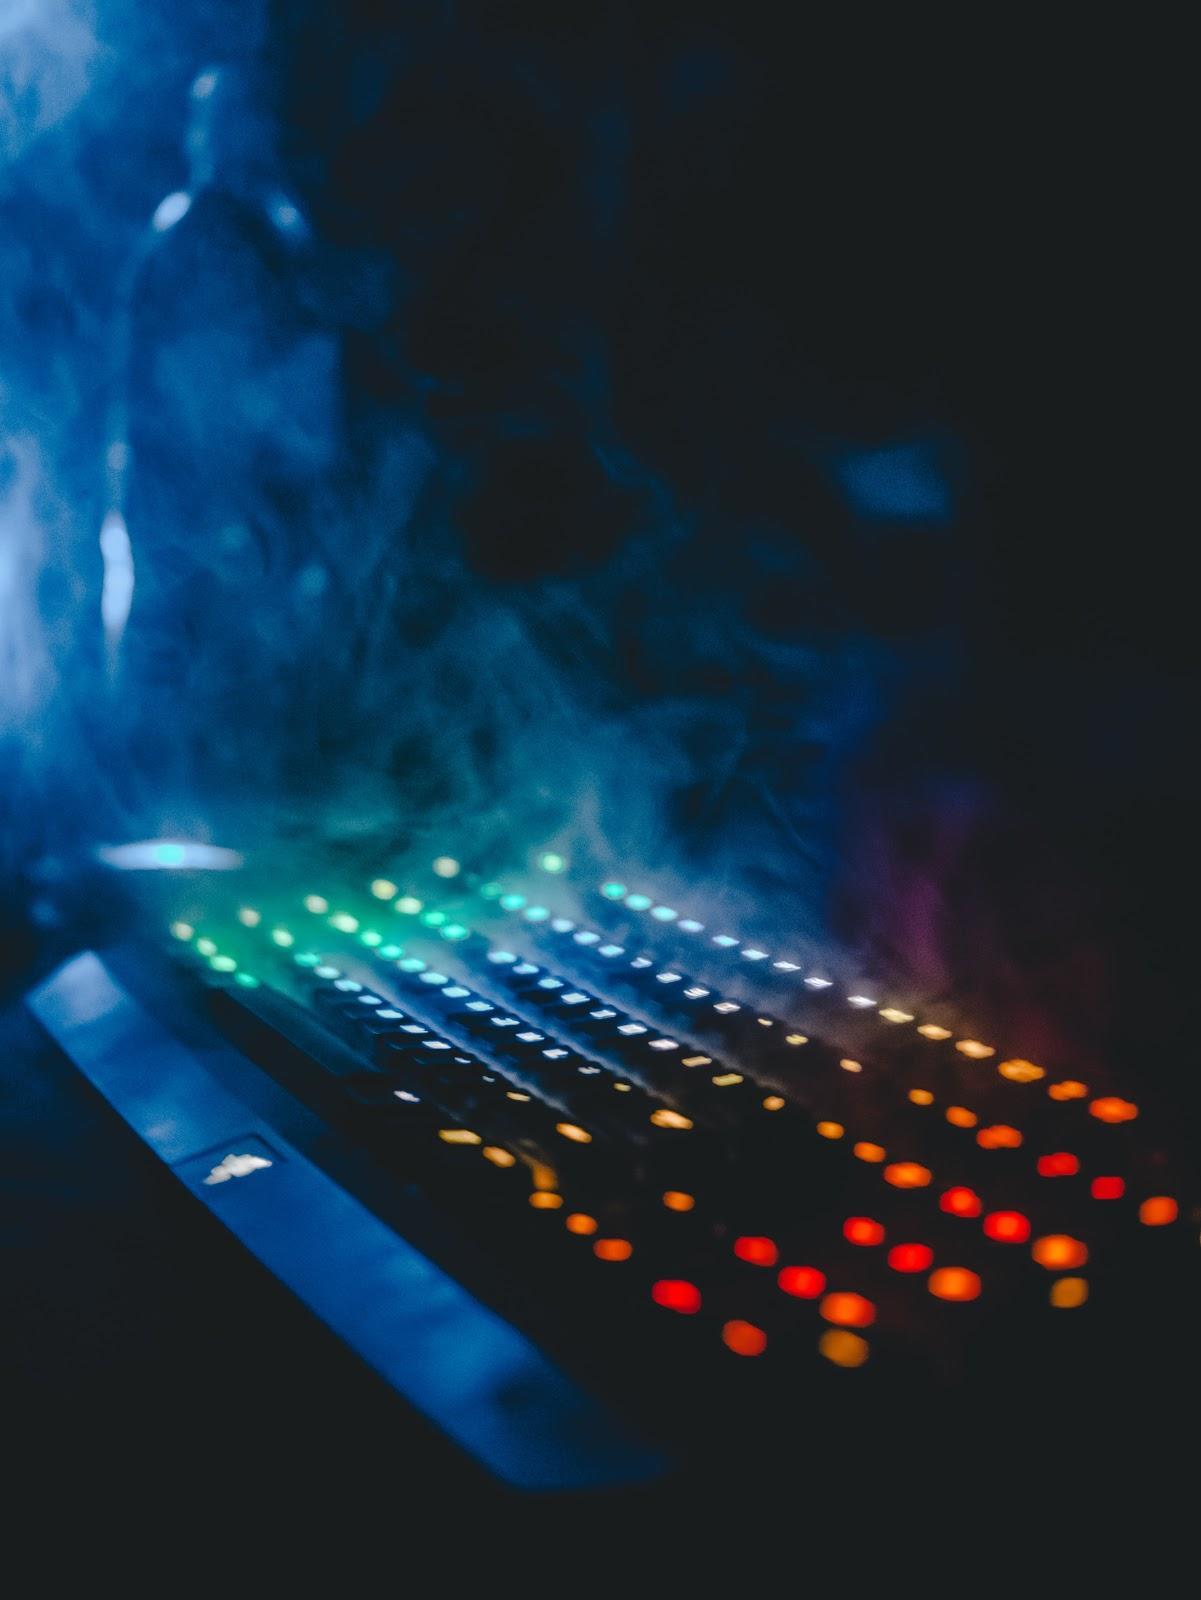 Gaming Keyboard looking stunning